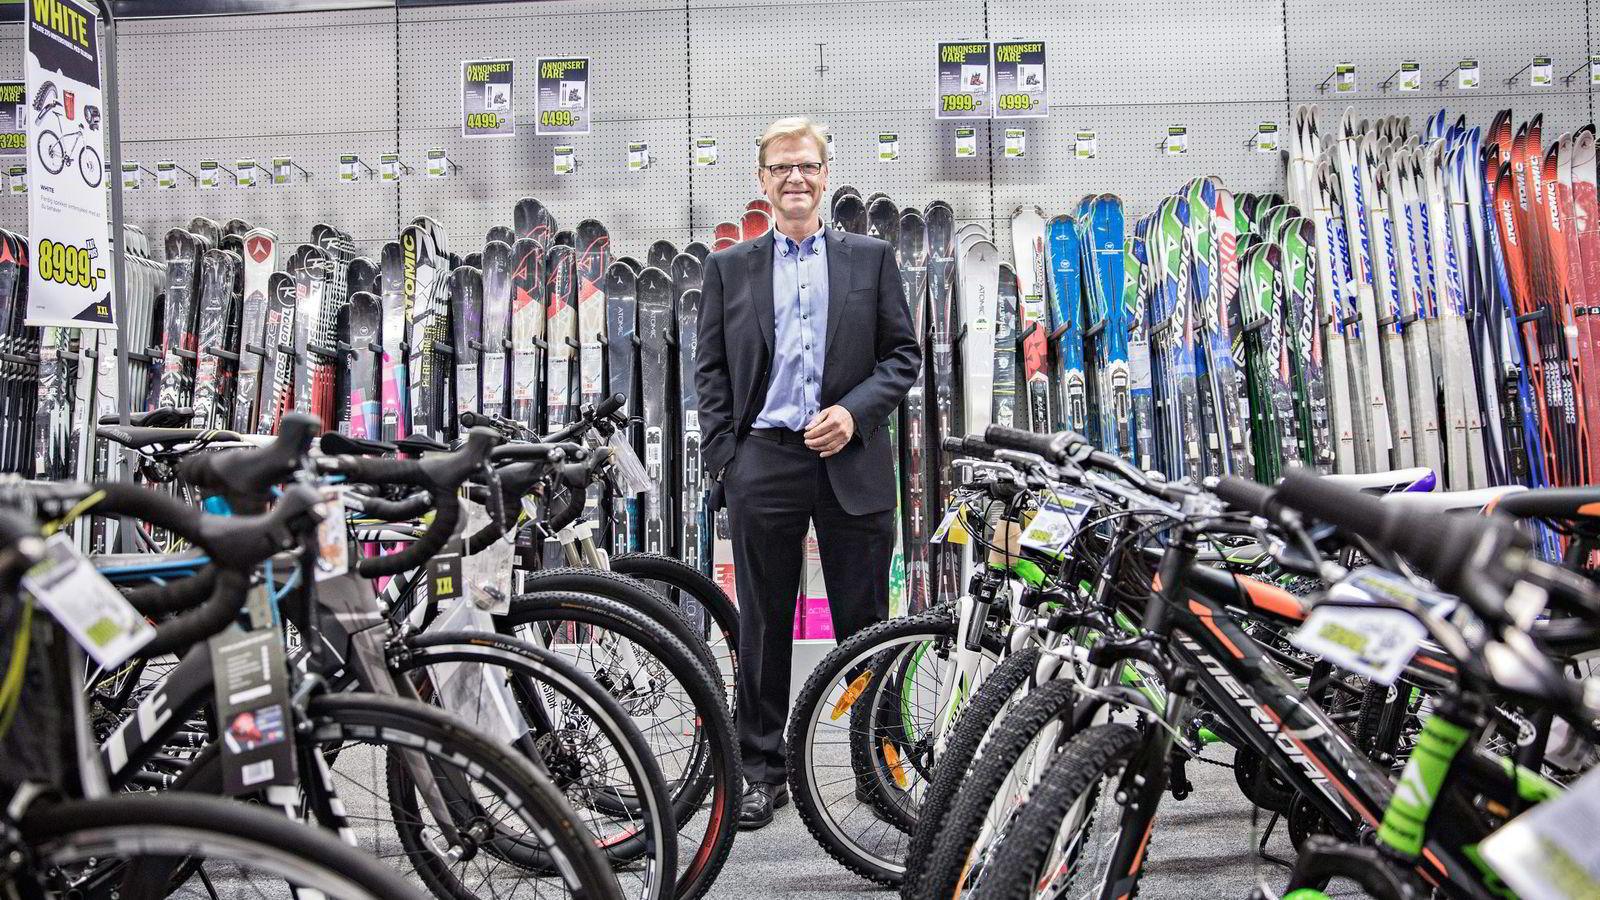 XXL blir utfordret av utenlandske nettaktører på sportsmarkedet, som svenske Sportamore. Fredrik Steenbuch er ikke spesielt bekymret.               Foto: Aleksander Nordahl